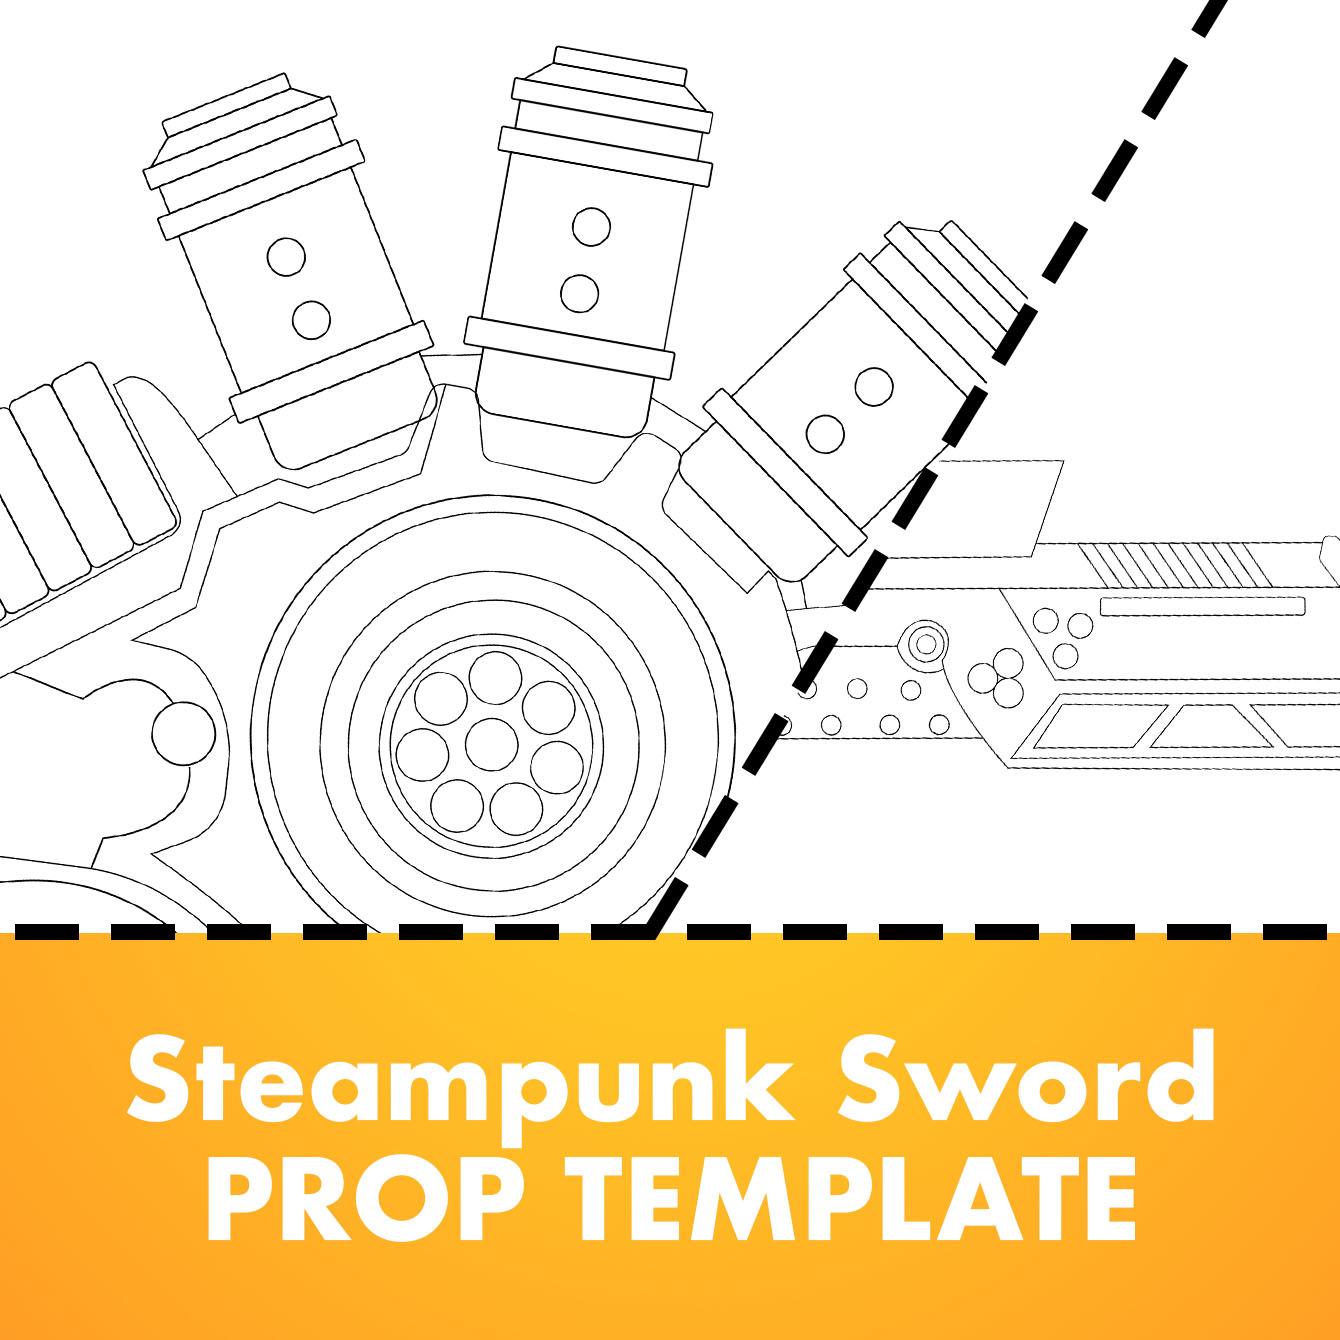 SteampunkSwoard_Cover.jpg